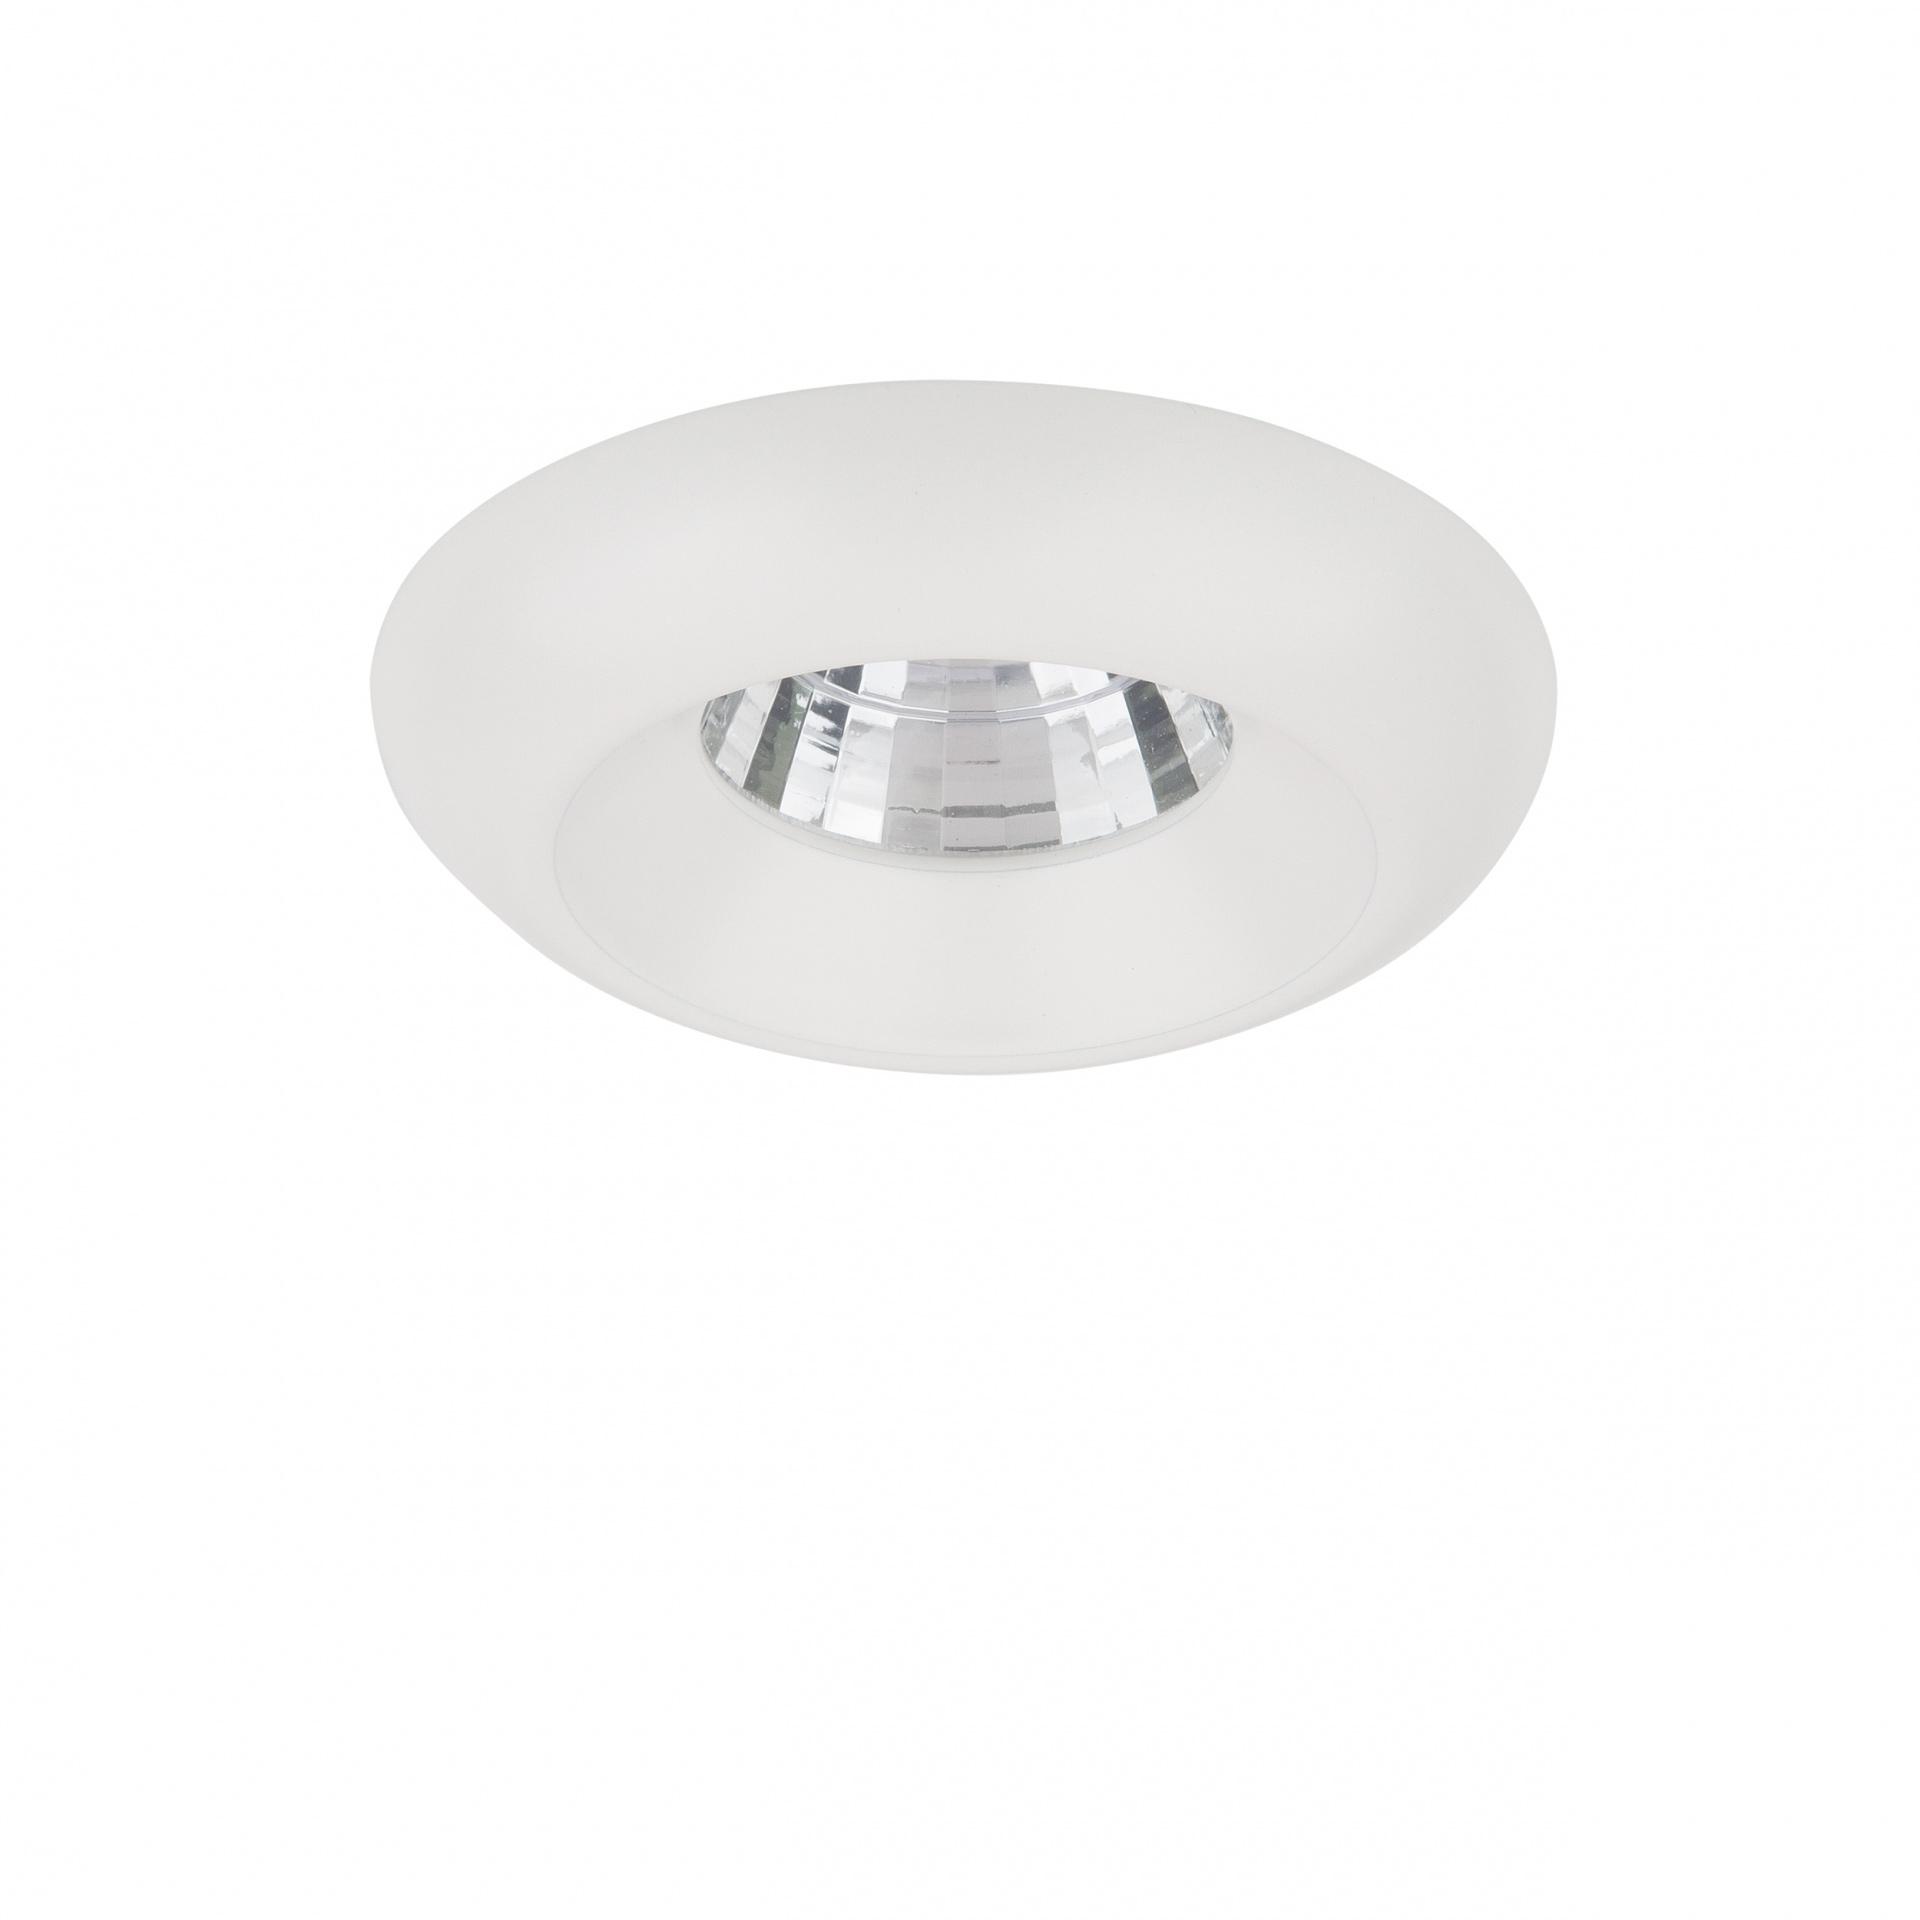 Светильник Monde LED 5W 400LM 50G белый 3000K Lightstar 071056, купить в СПб, Москве, с доставкой, Санкт-Петербург, интернет-магазин люстр и светильников Starlight, фото в жизни